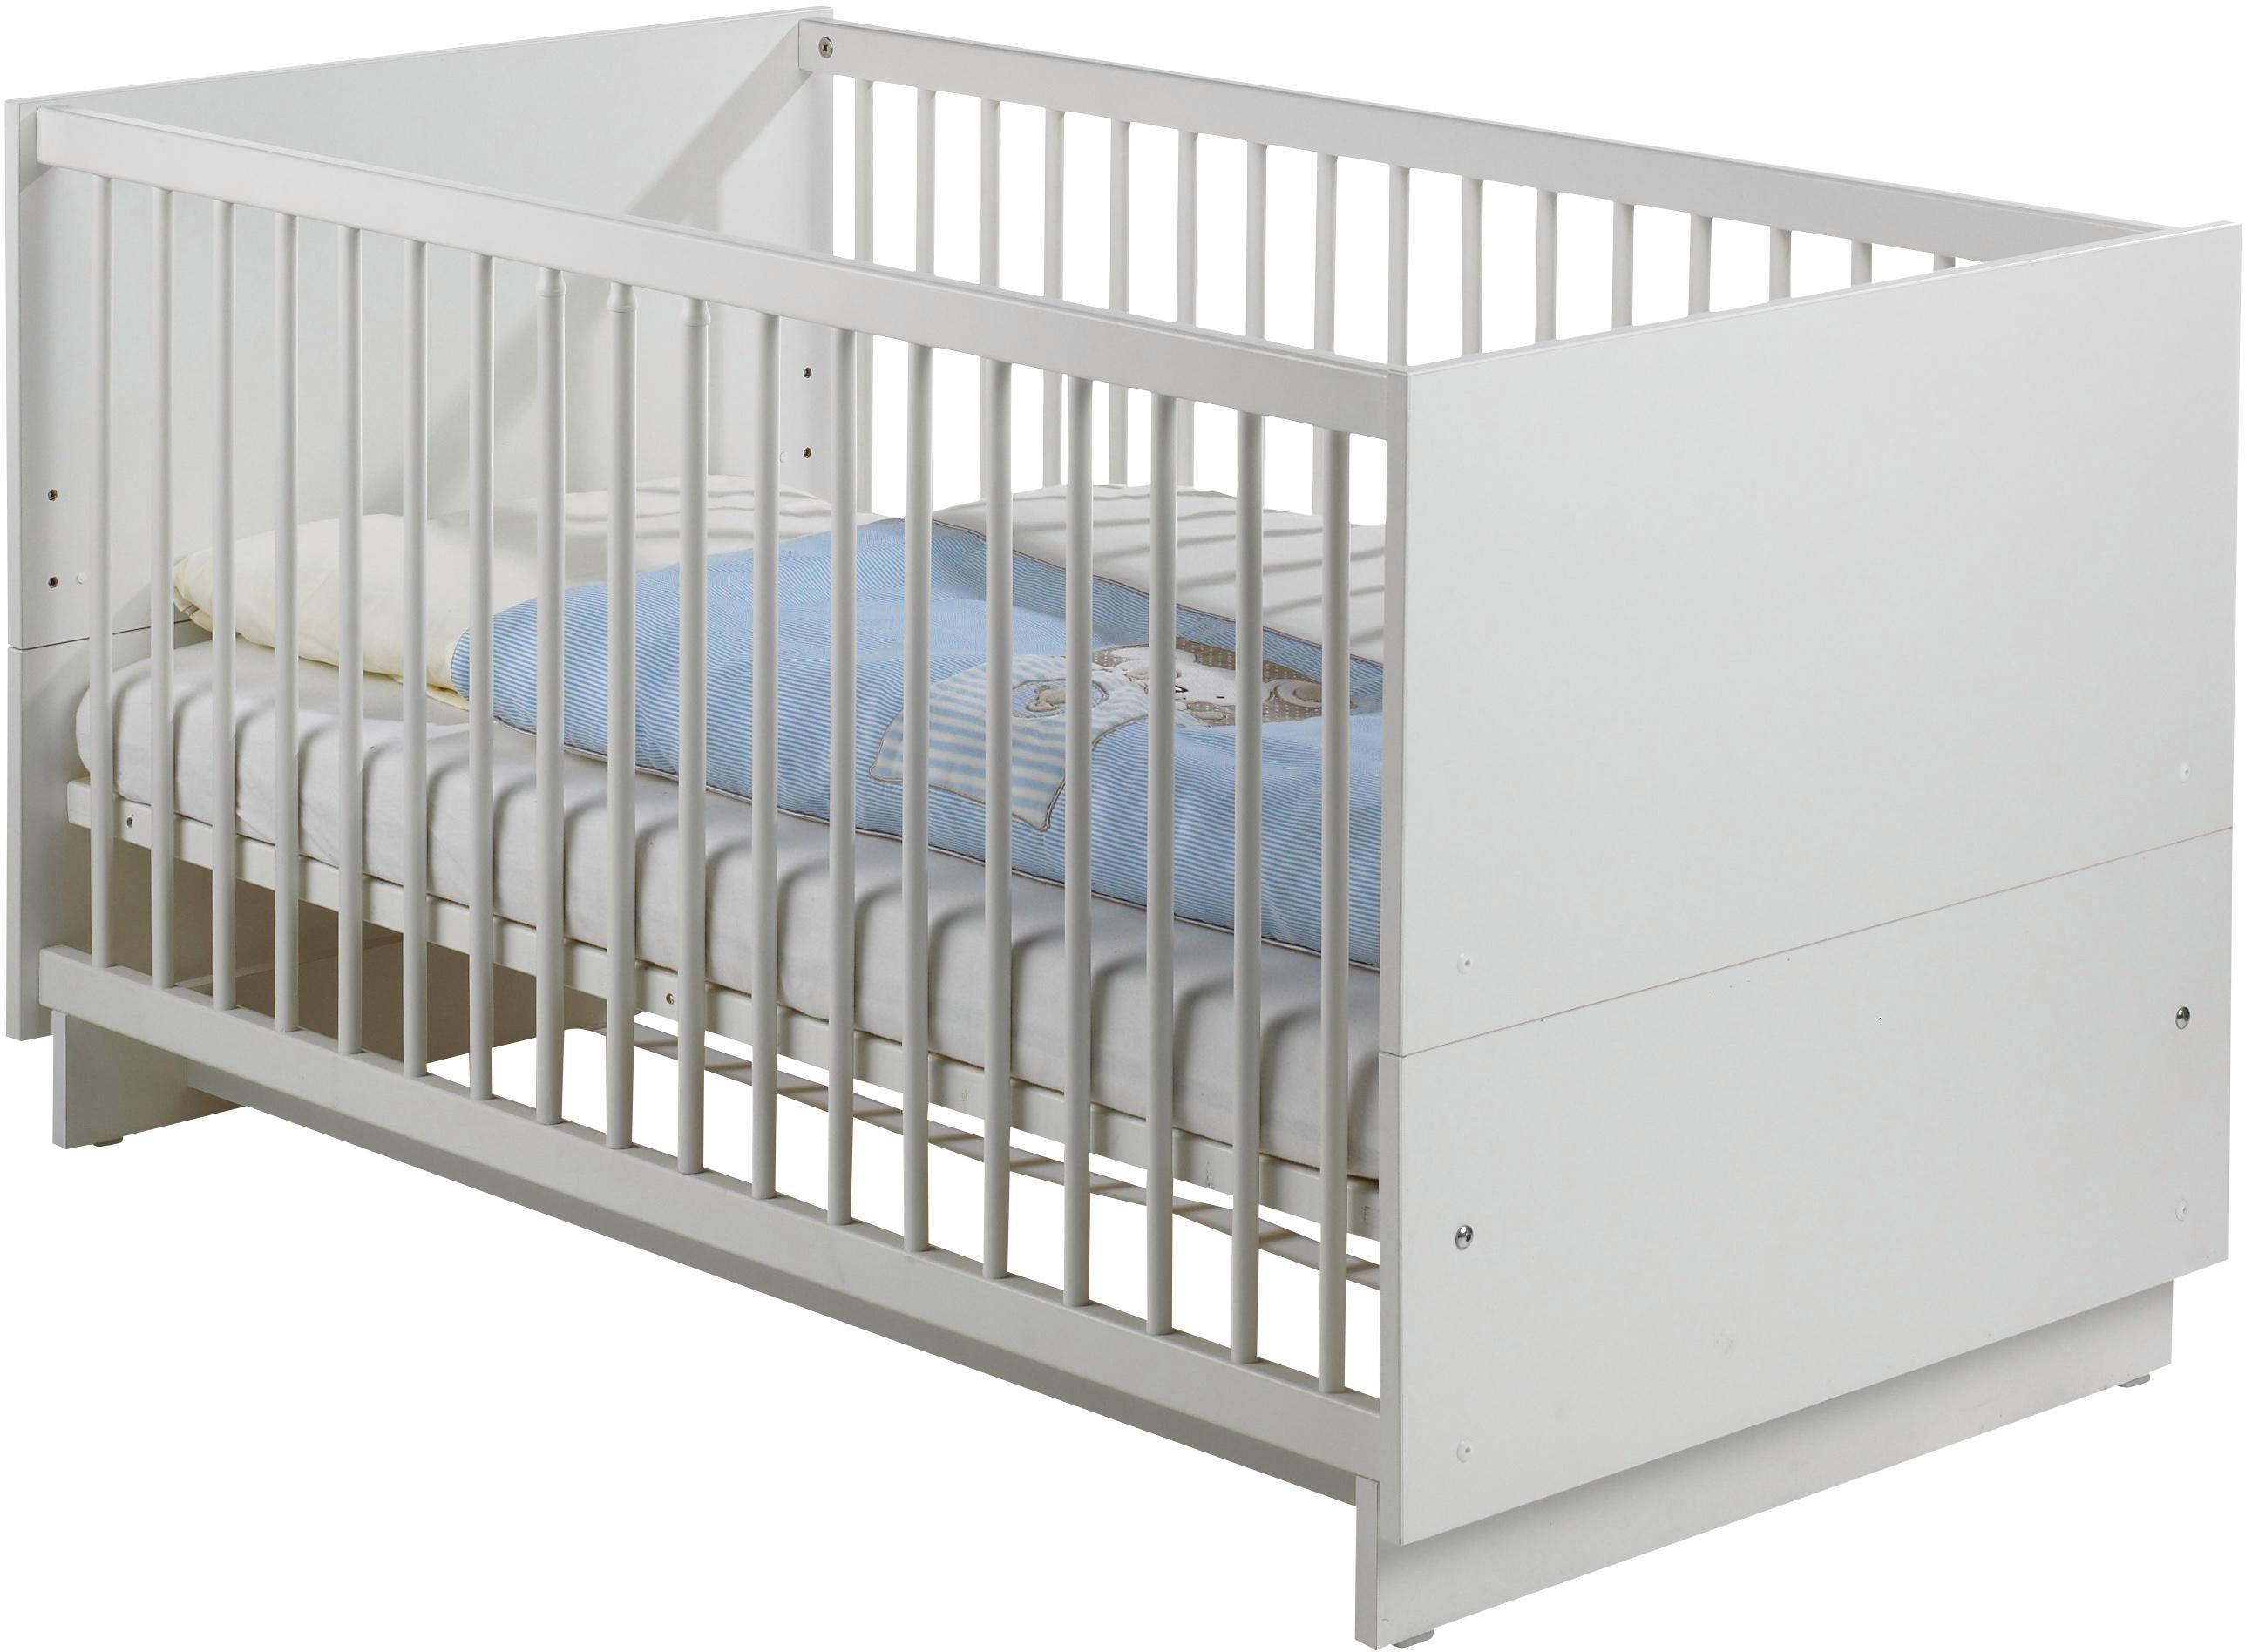 geuther Kinderbetten online kaufen | Möbel-Suchmaschine | ladendirekt.de